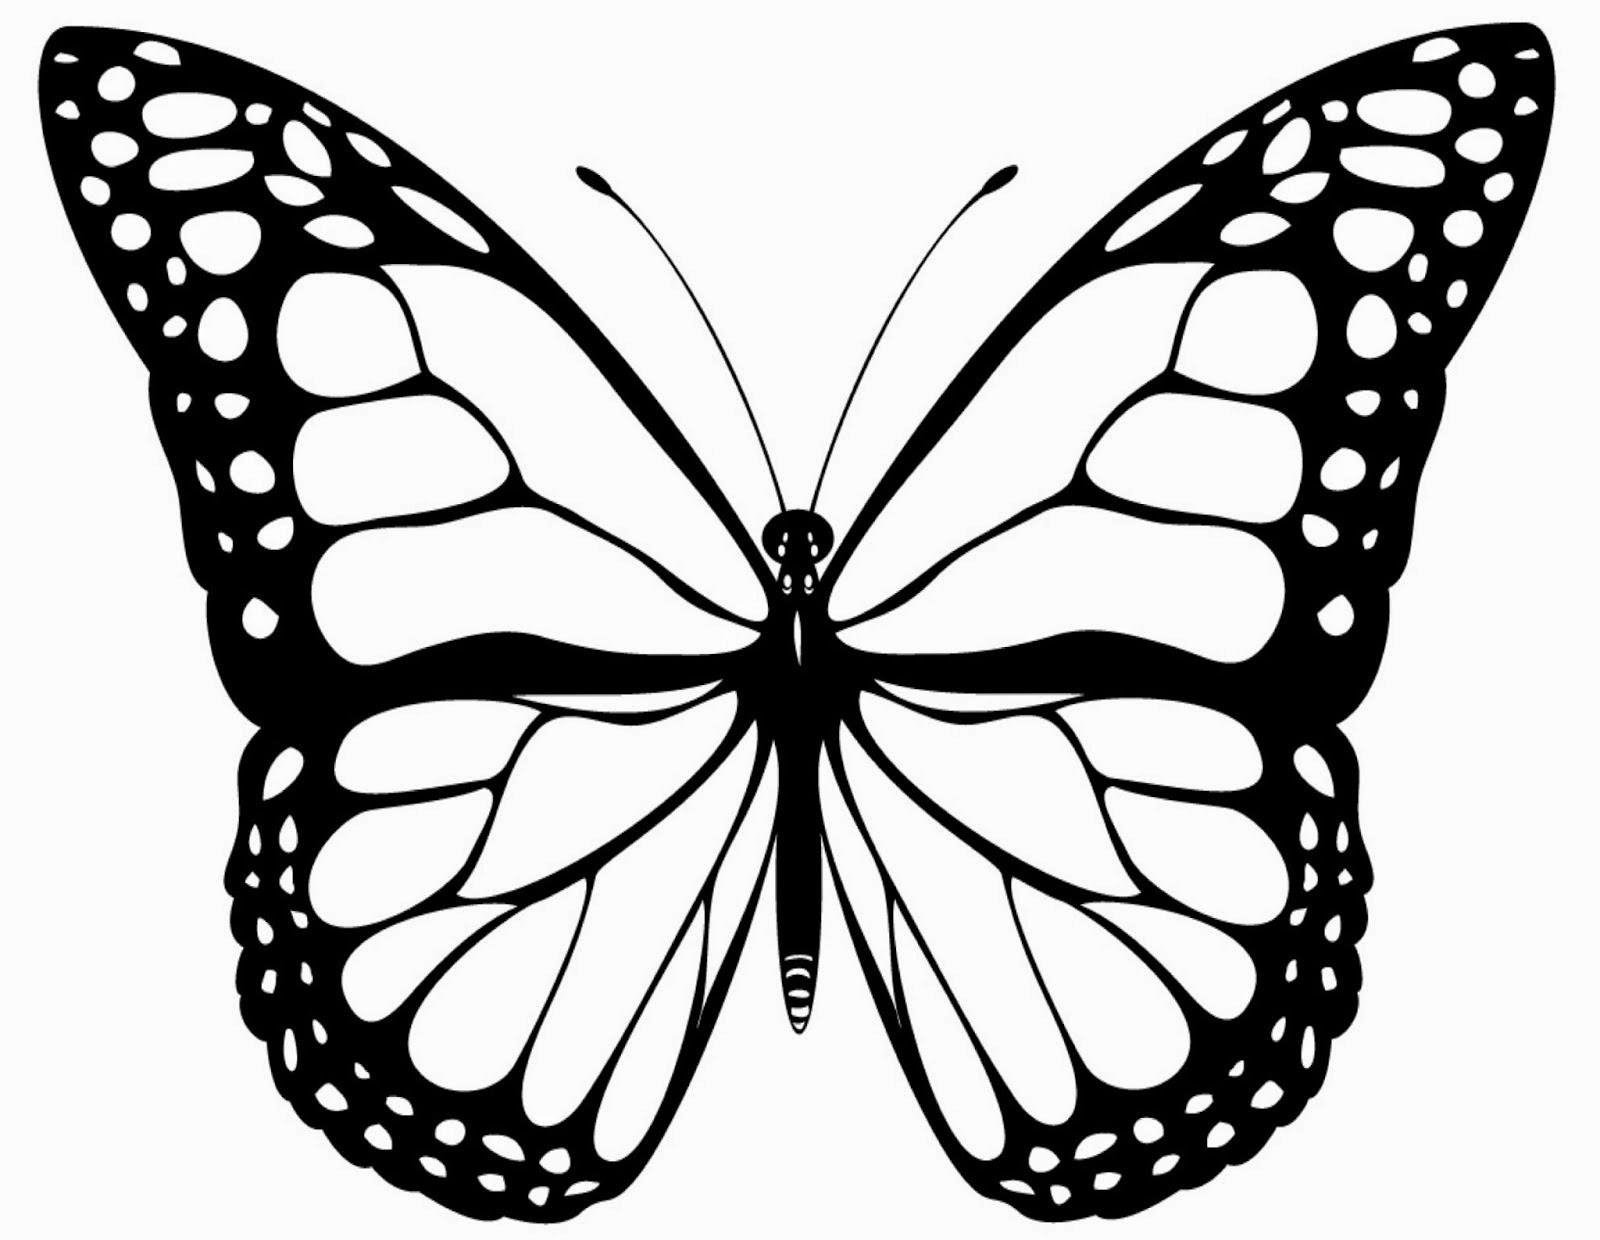 Schmetterlinge Ausmalbilder Zum Drucken Vediimpresetop